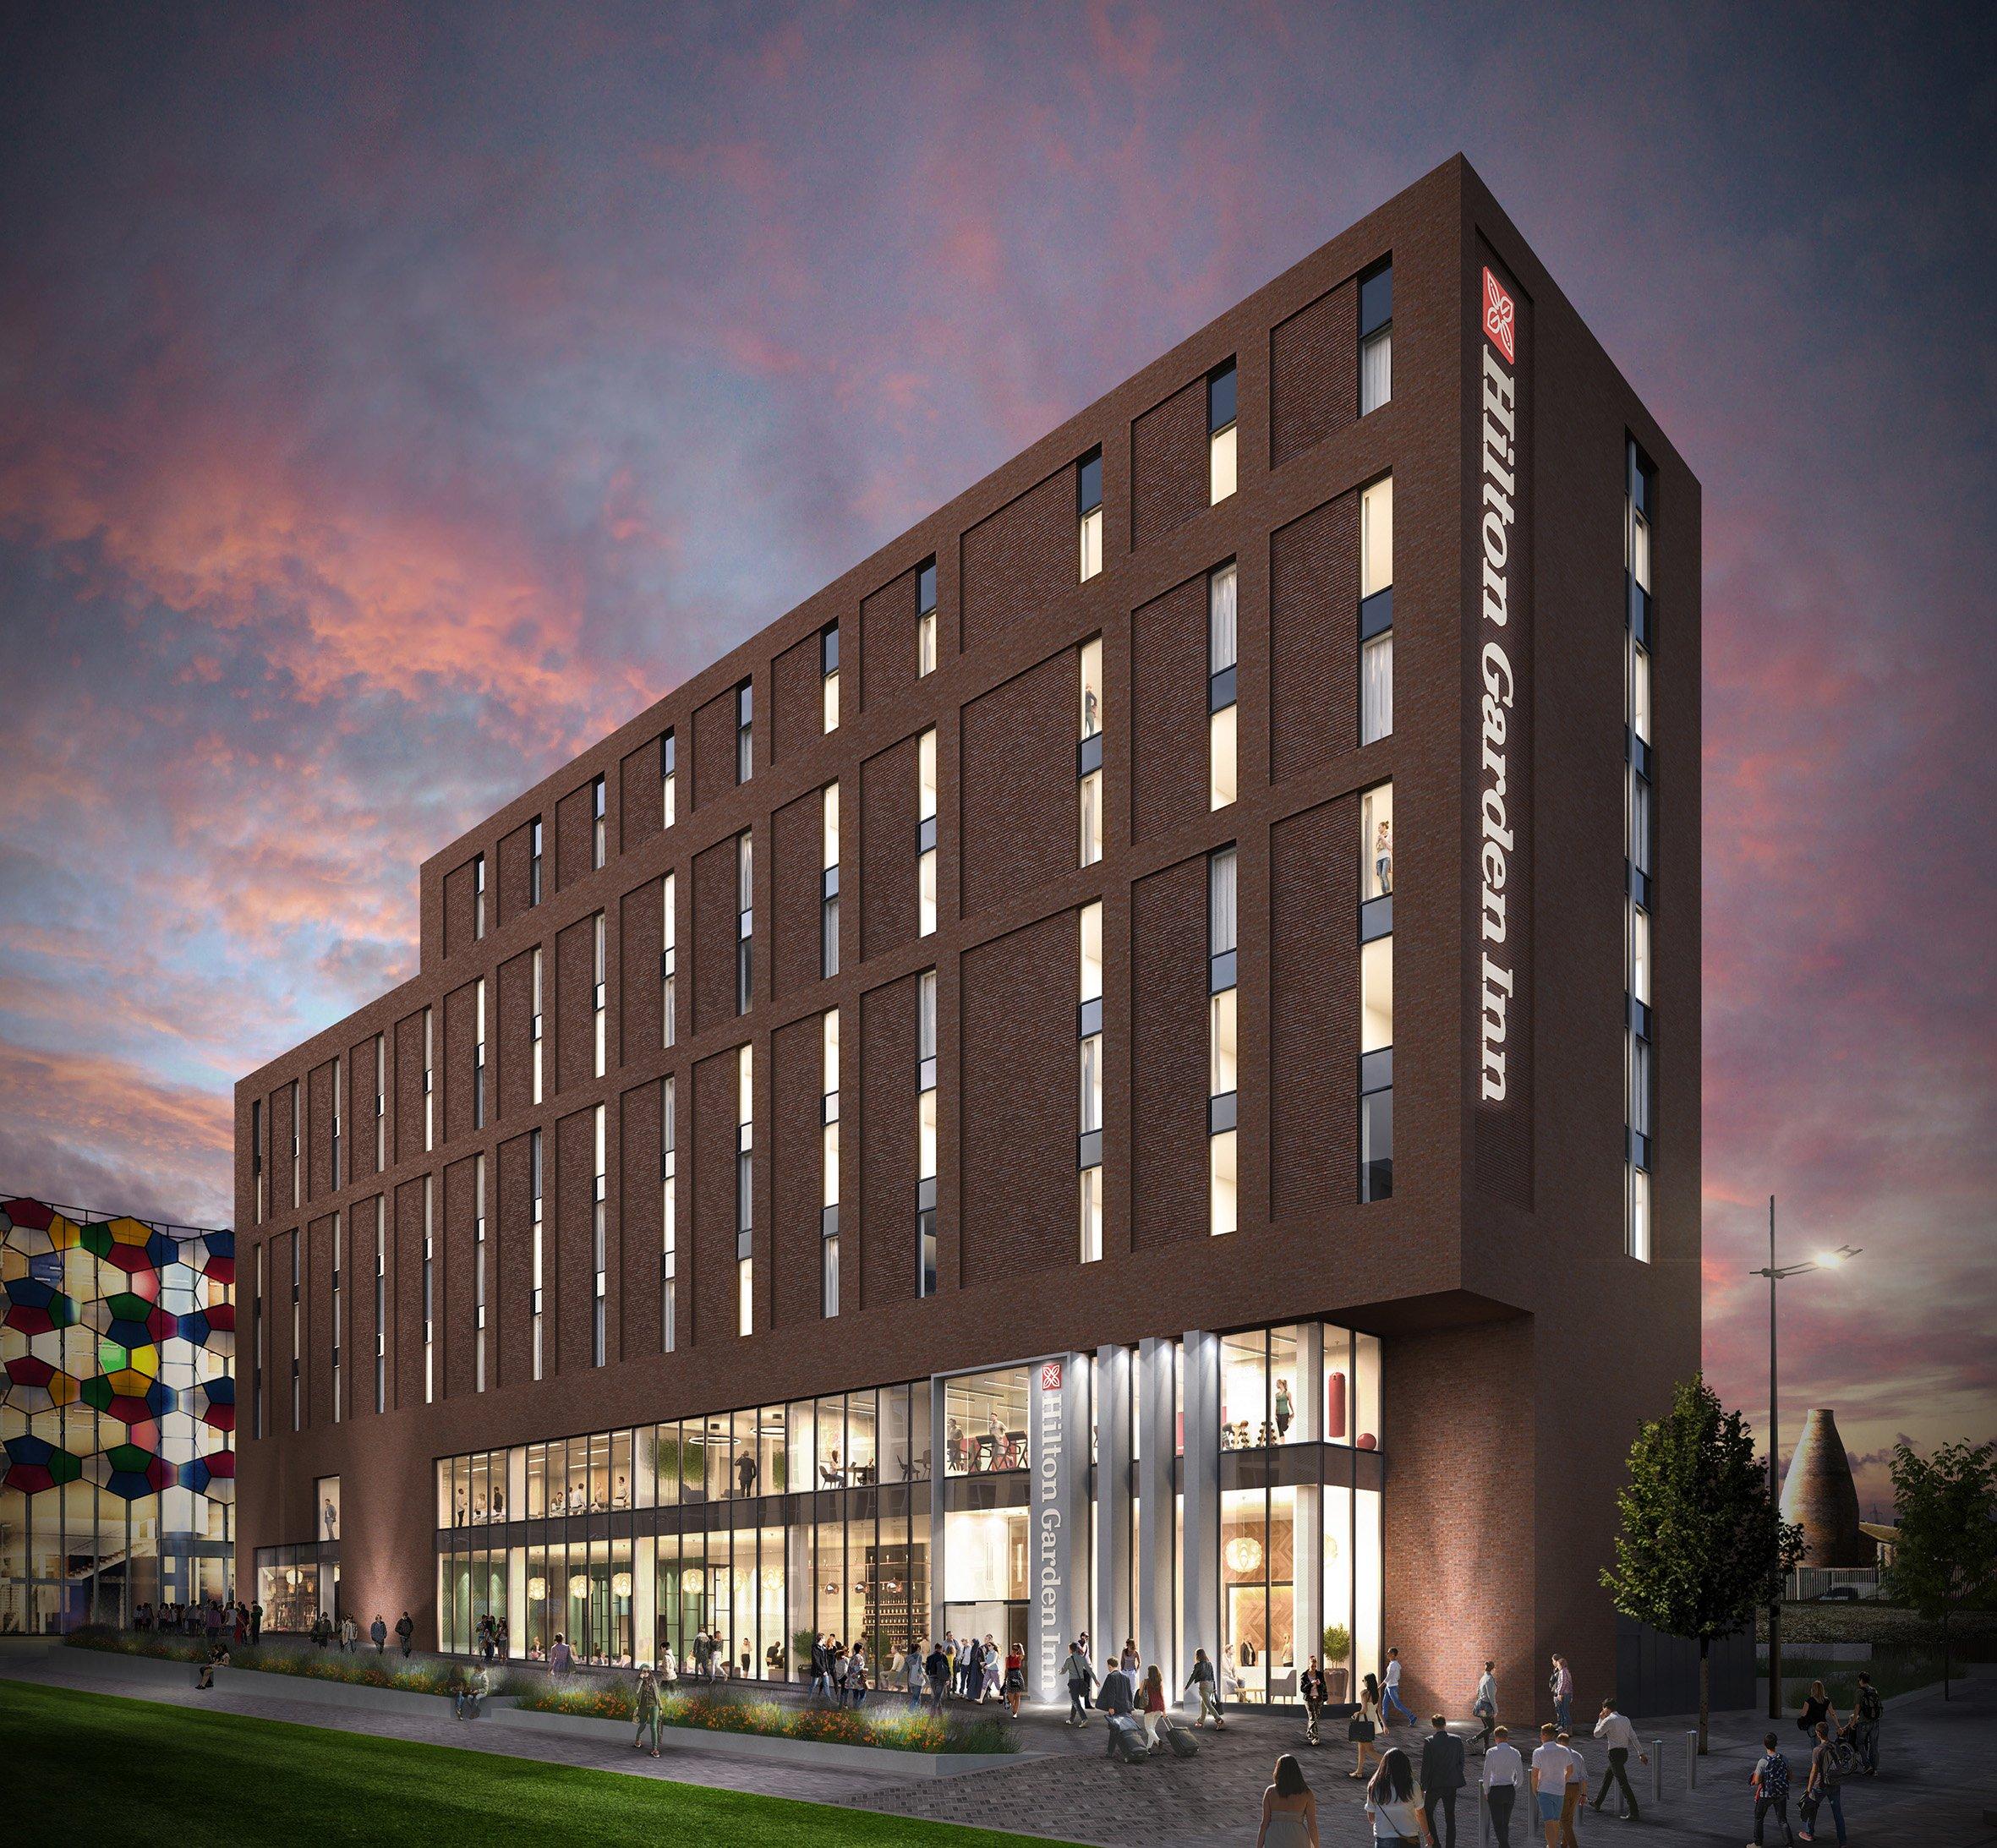 Hilton to open new Garden Inn in Stoke-on-Trent, England ...